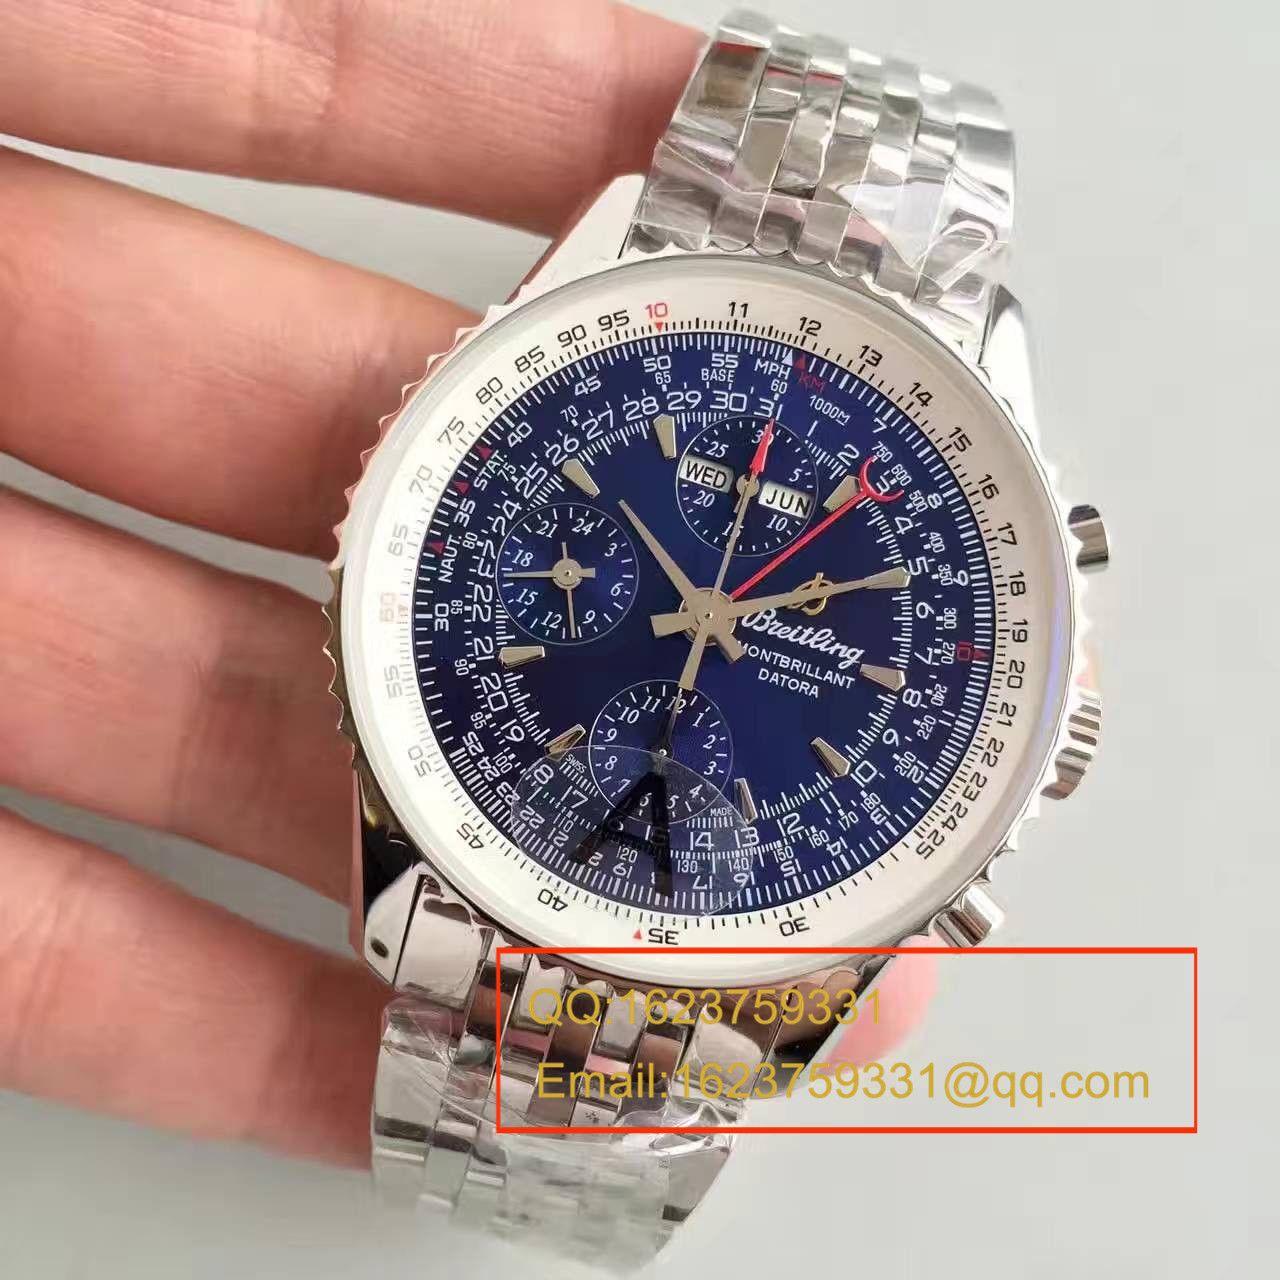 【JF1:1超A精仿手表】百年灵蒙柏朗计时系列A2133012-B571蓝盘腕表